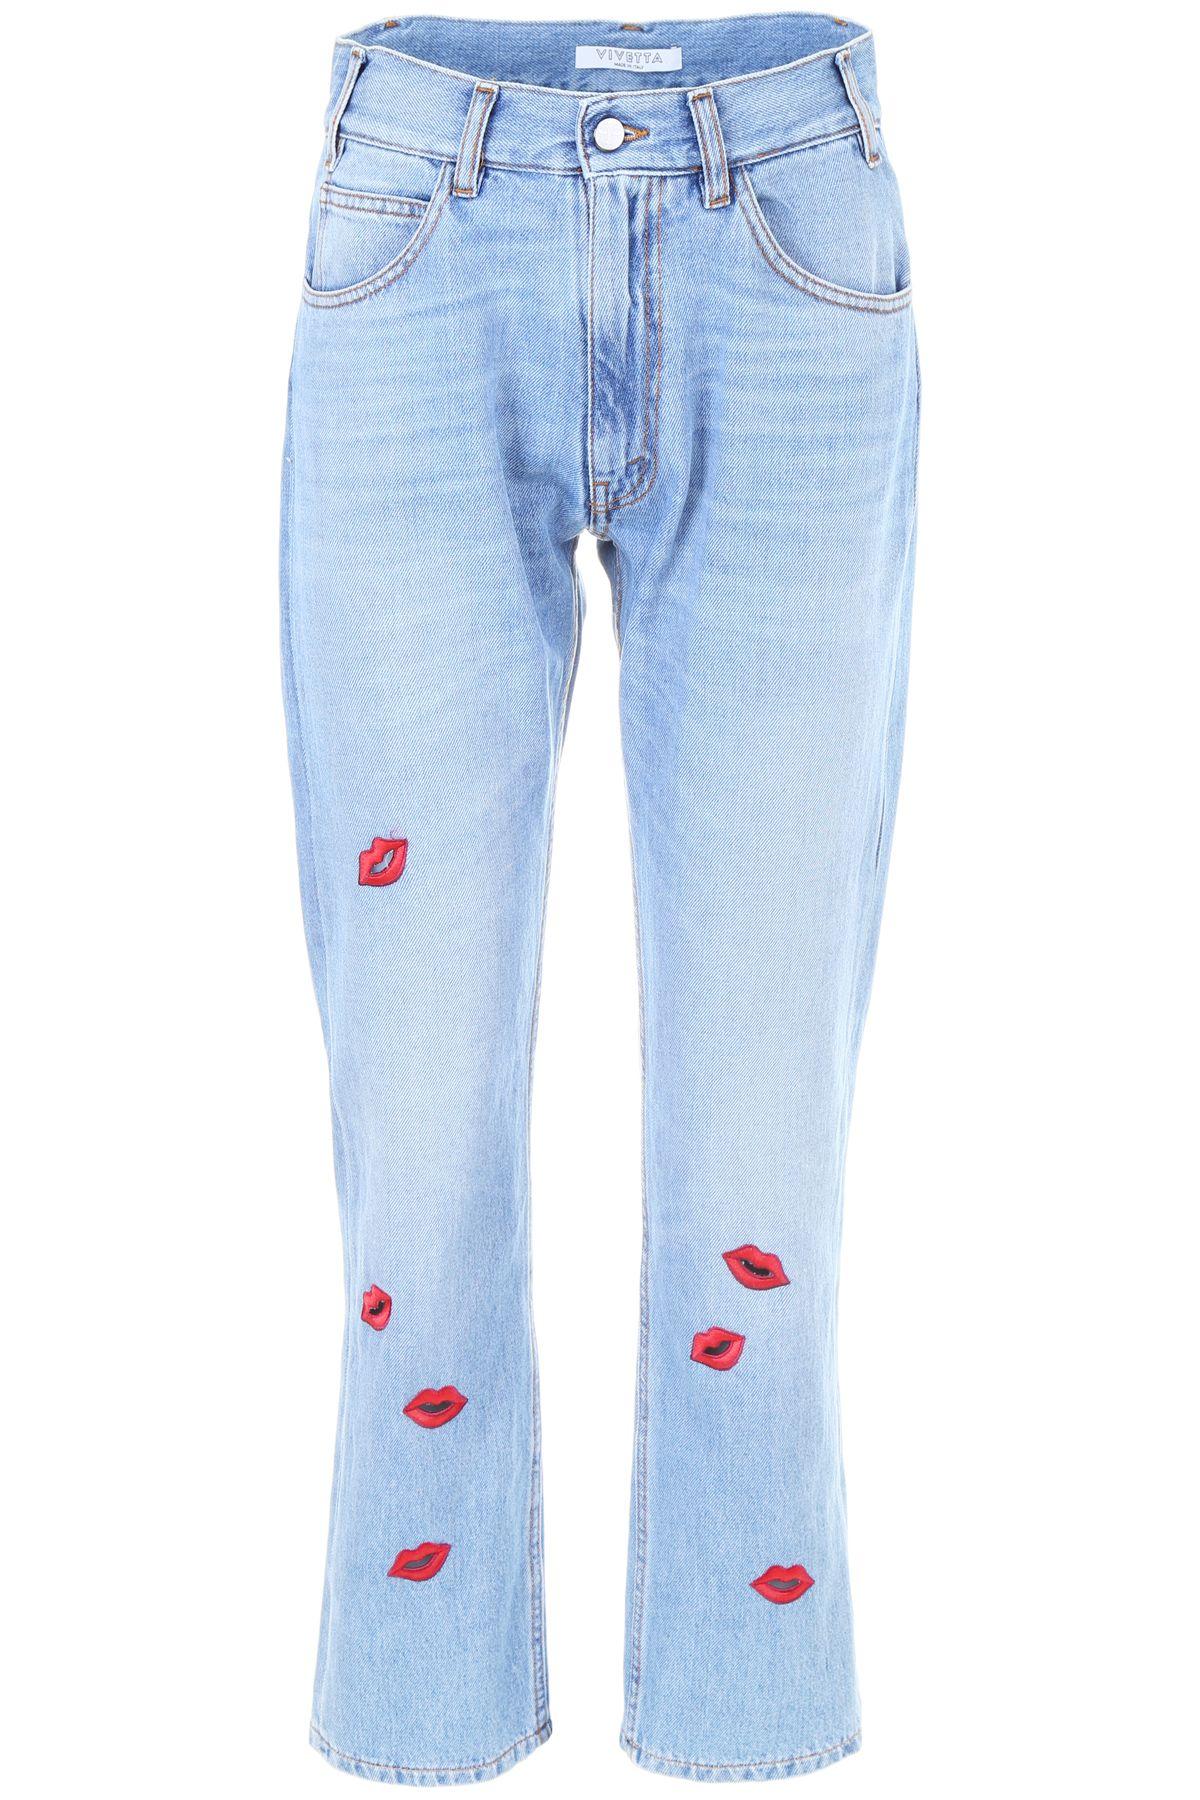 Vivetta Albaldah Jeans